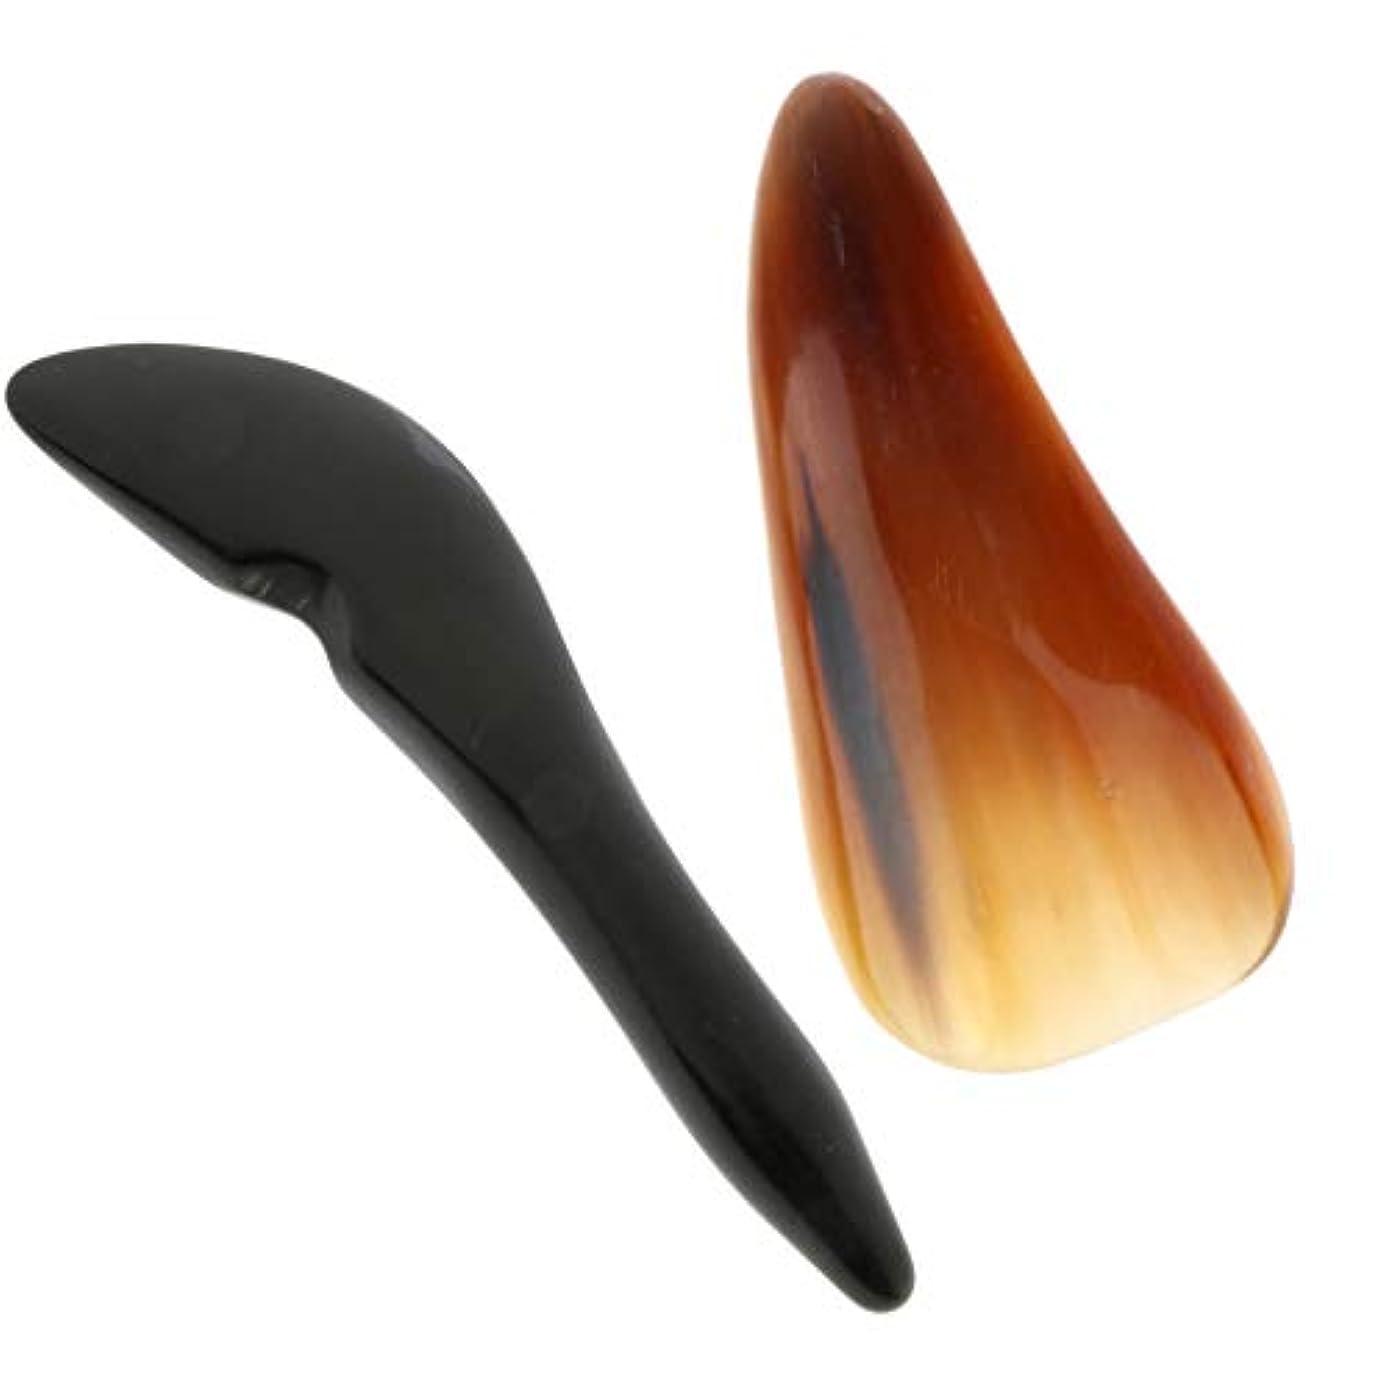 ナビゲーションスパン酸度D DOLITY マッサージツール グアシャ スクレーパー ボード スクレーピング 使いやすい 2個入